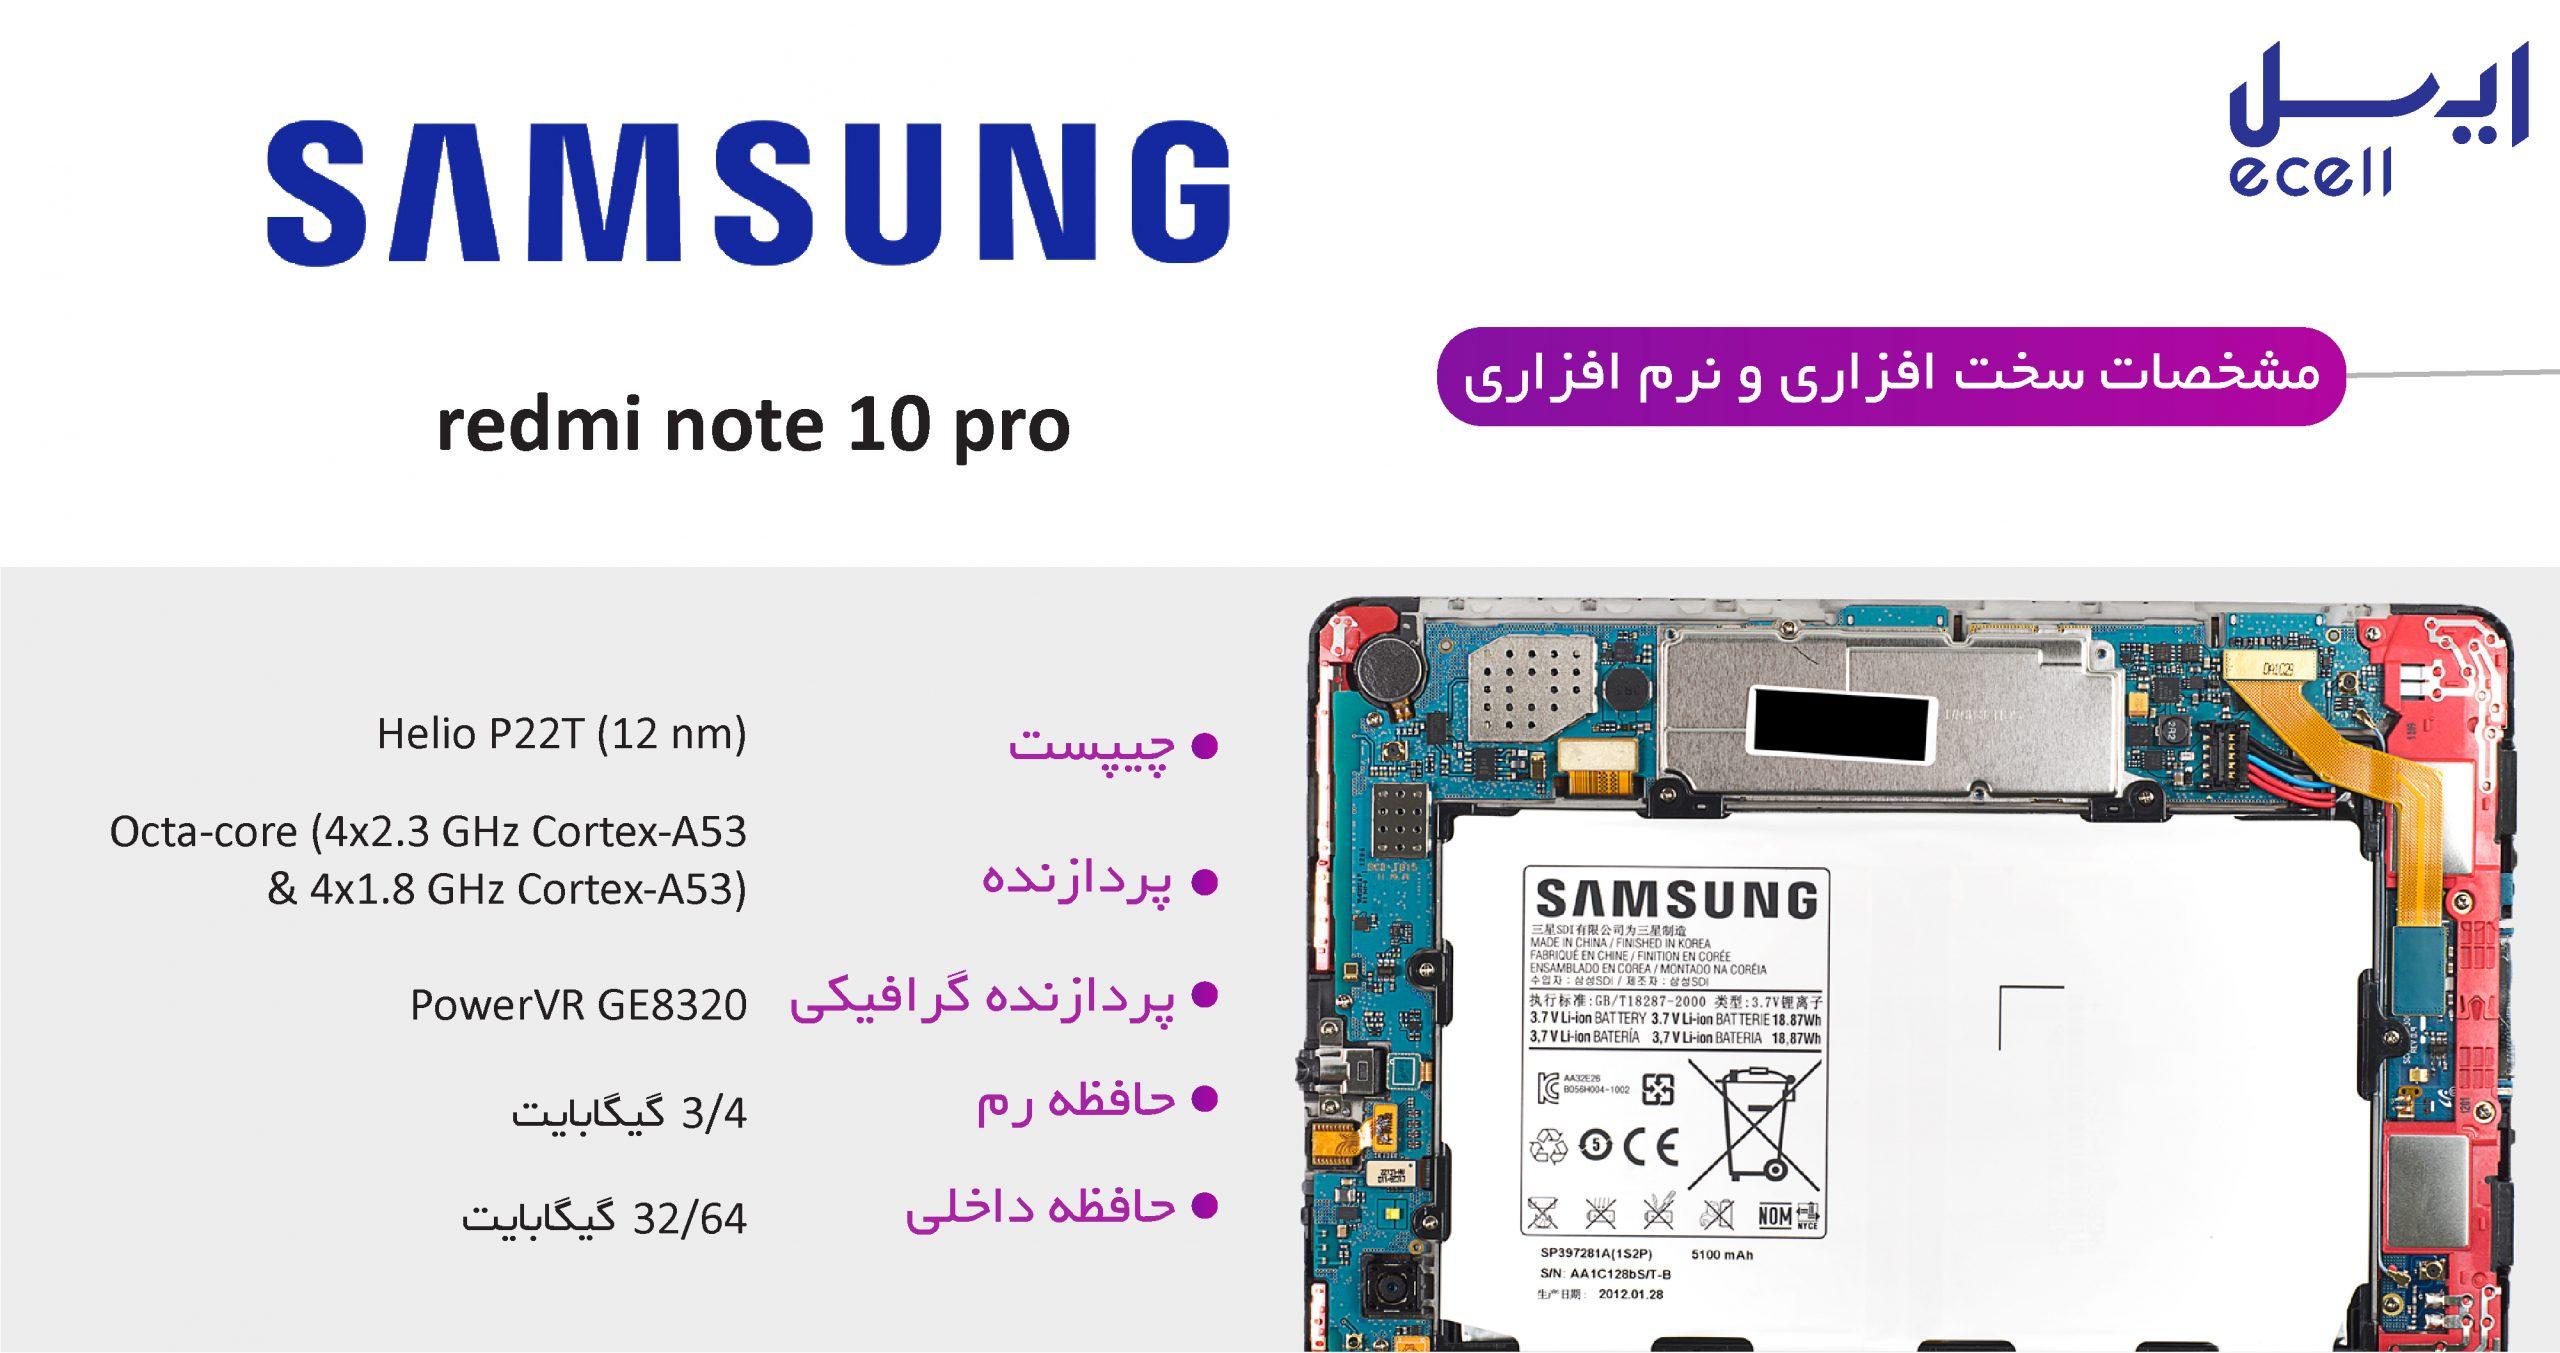 مشخصات سخت افزاری و نرم افزاری تبلت سامسونگ Galaxy Tab A7 Lite T225